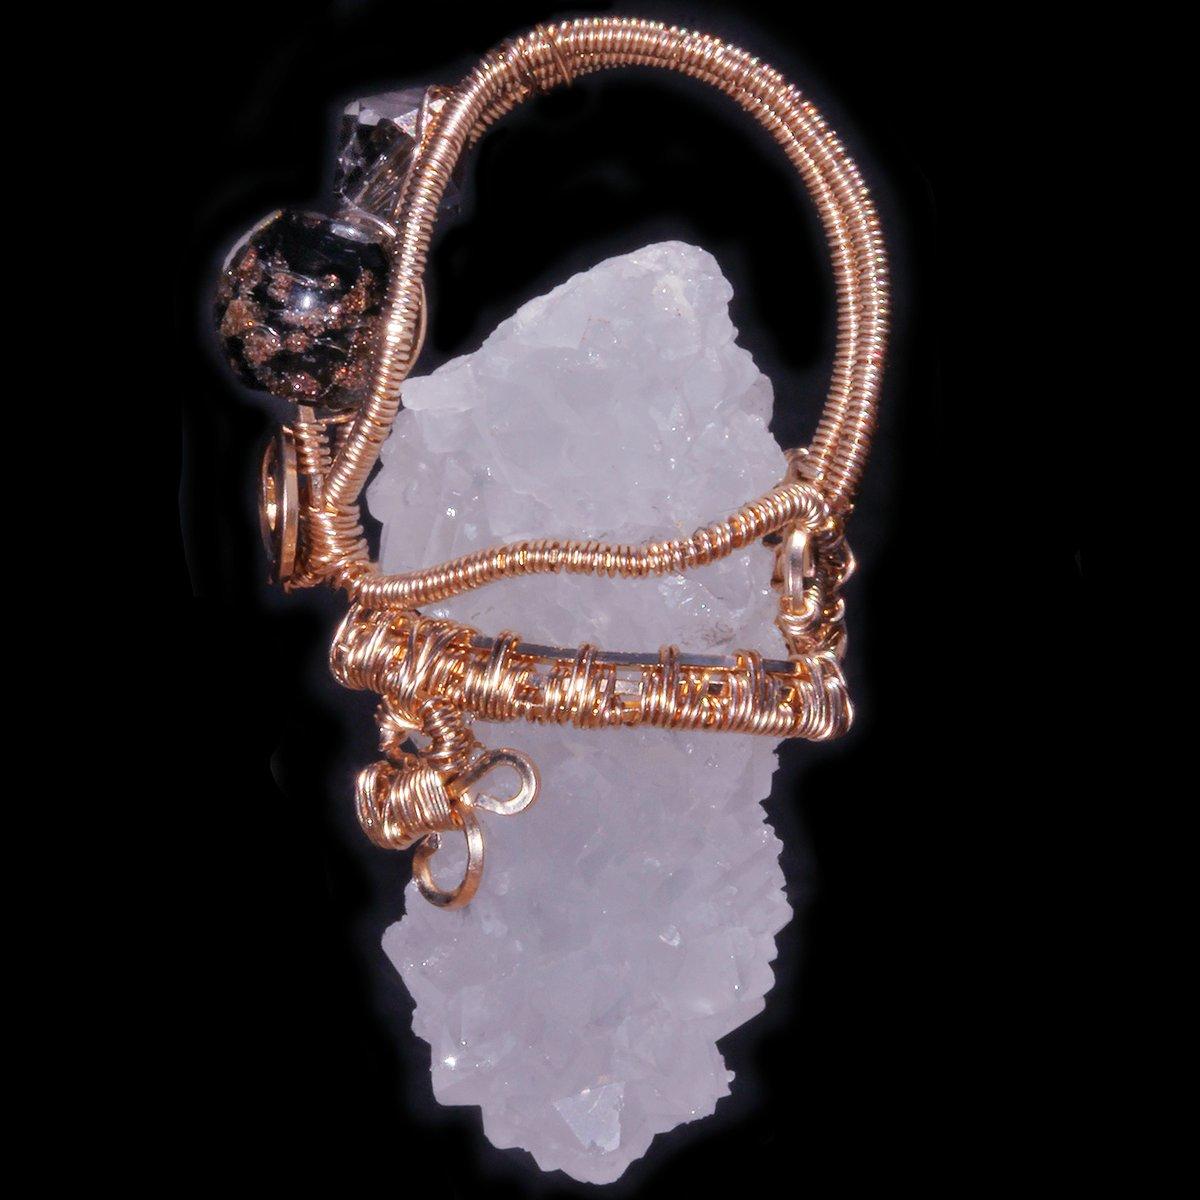 Apophyllite Druzy Stalactite Woven Wire Wrapped Pendant